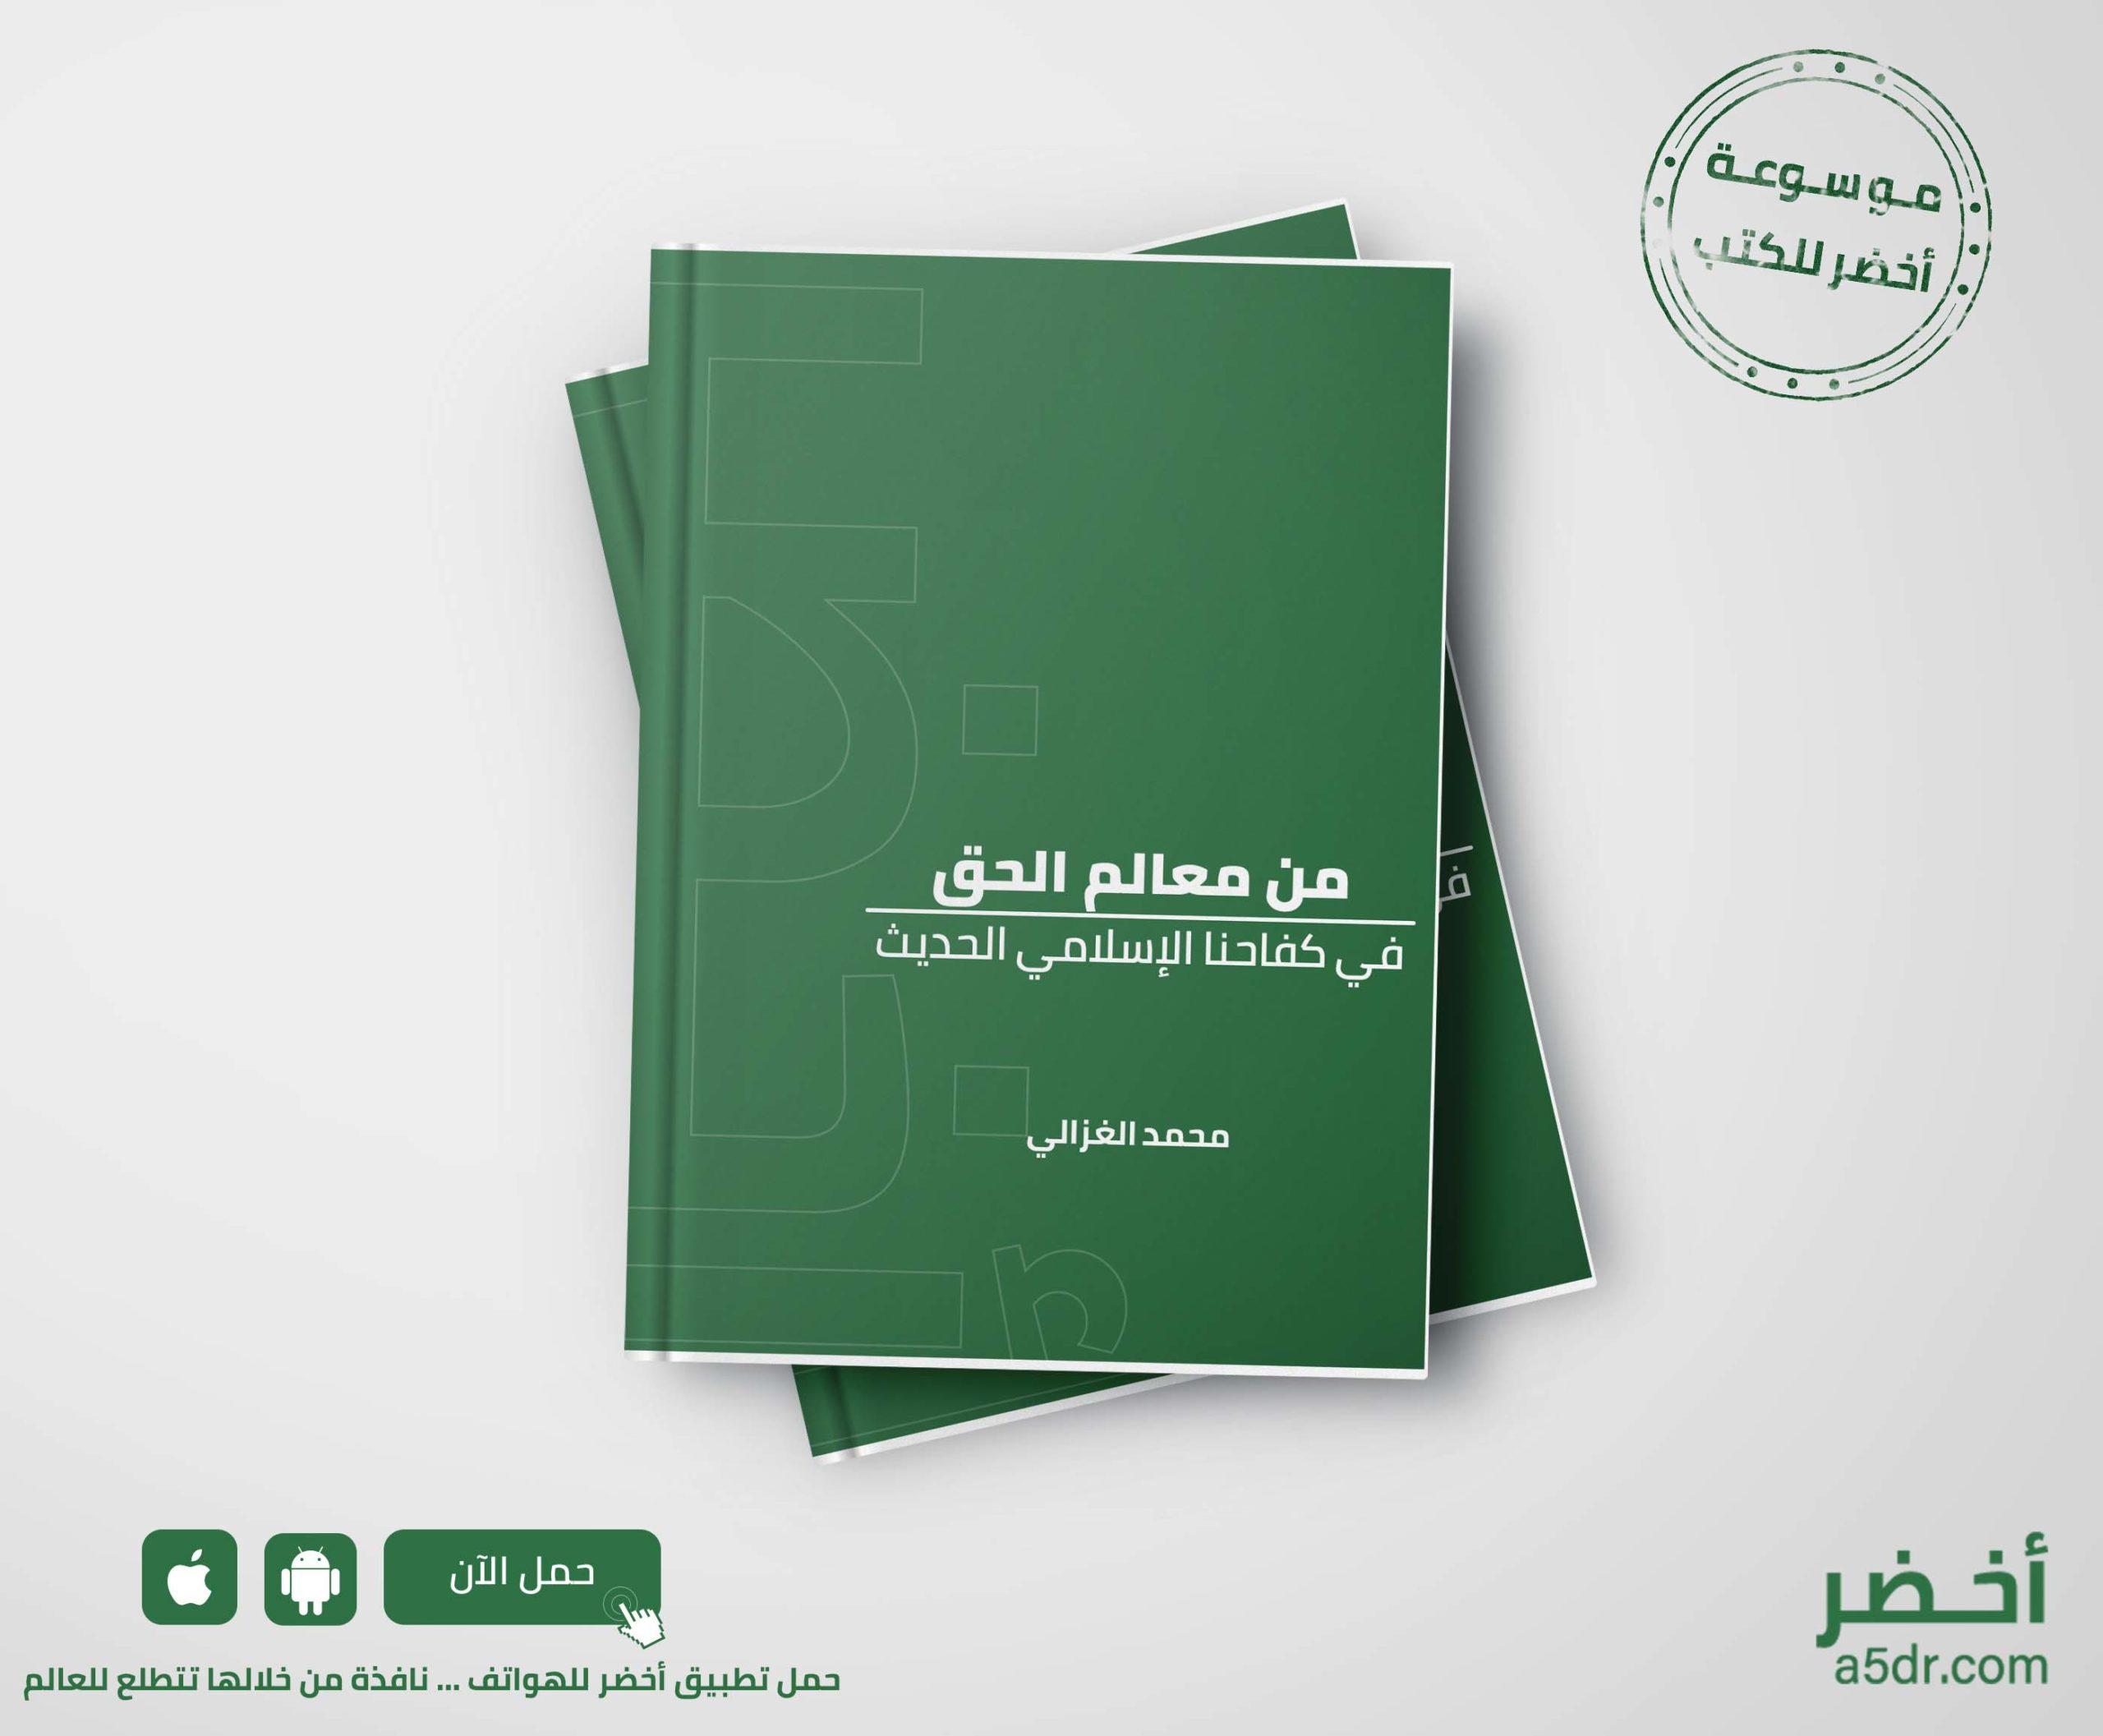 كتاب من معالم الحق في كفاحنا الإسلامي الحديث - محمد الغزالي